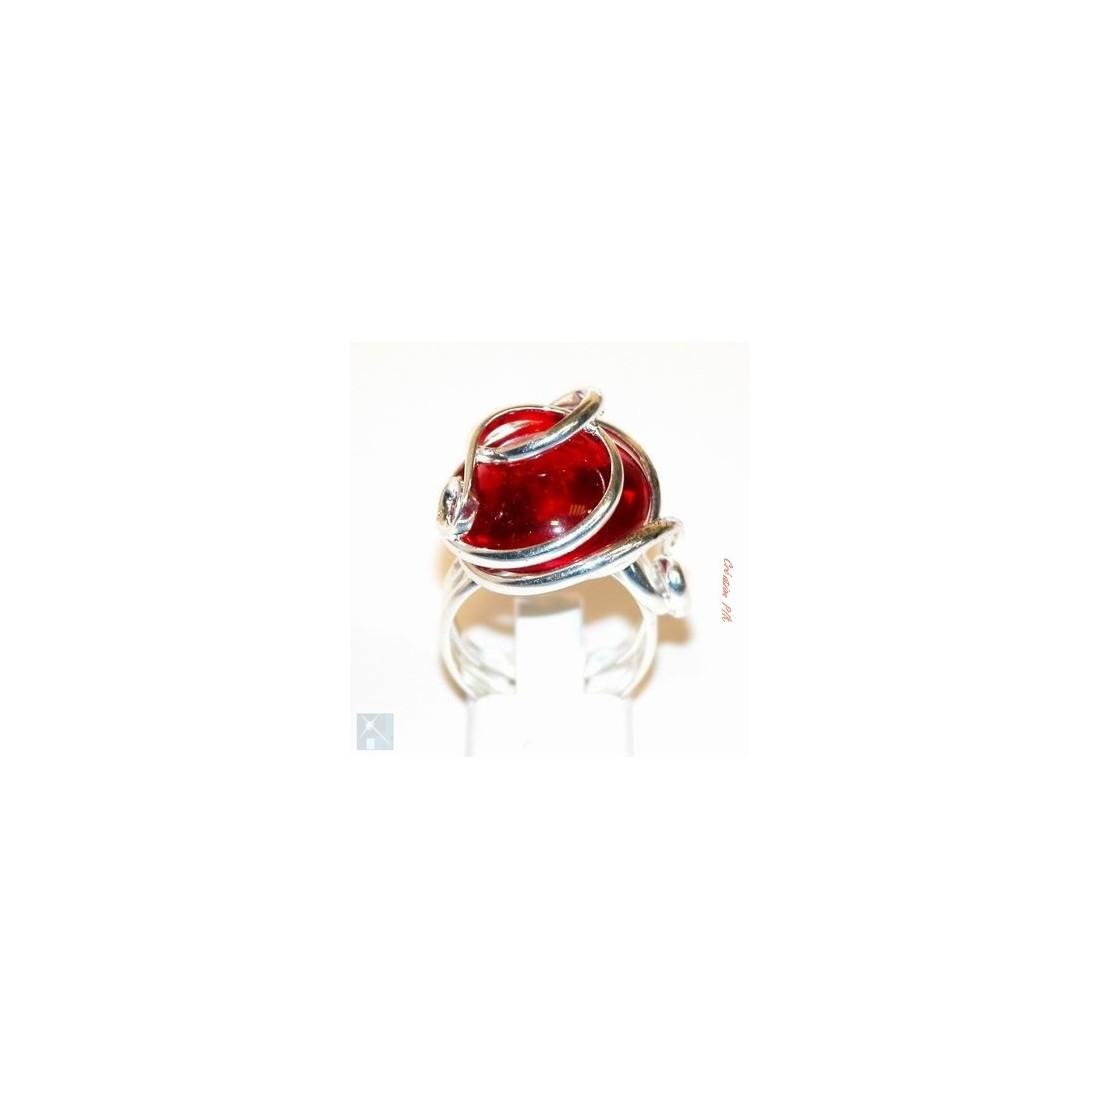 Bague argent rouge rubis. Bijou crée par un artisan d'art.